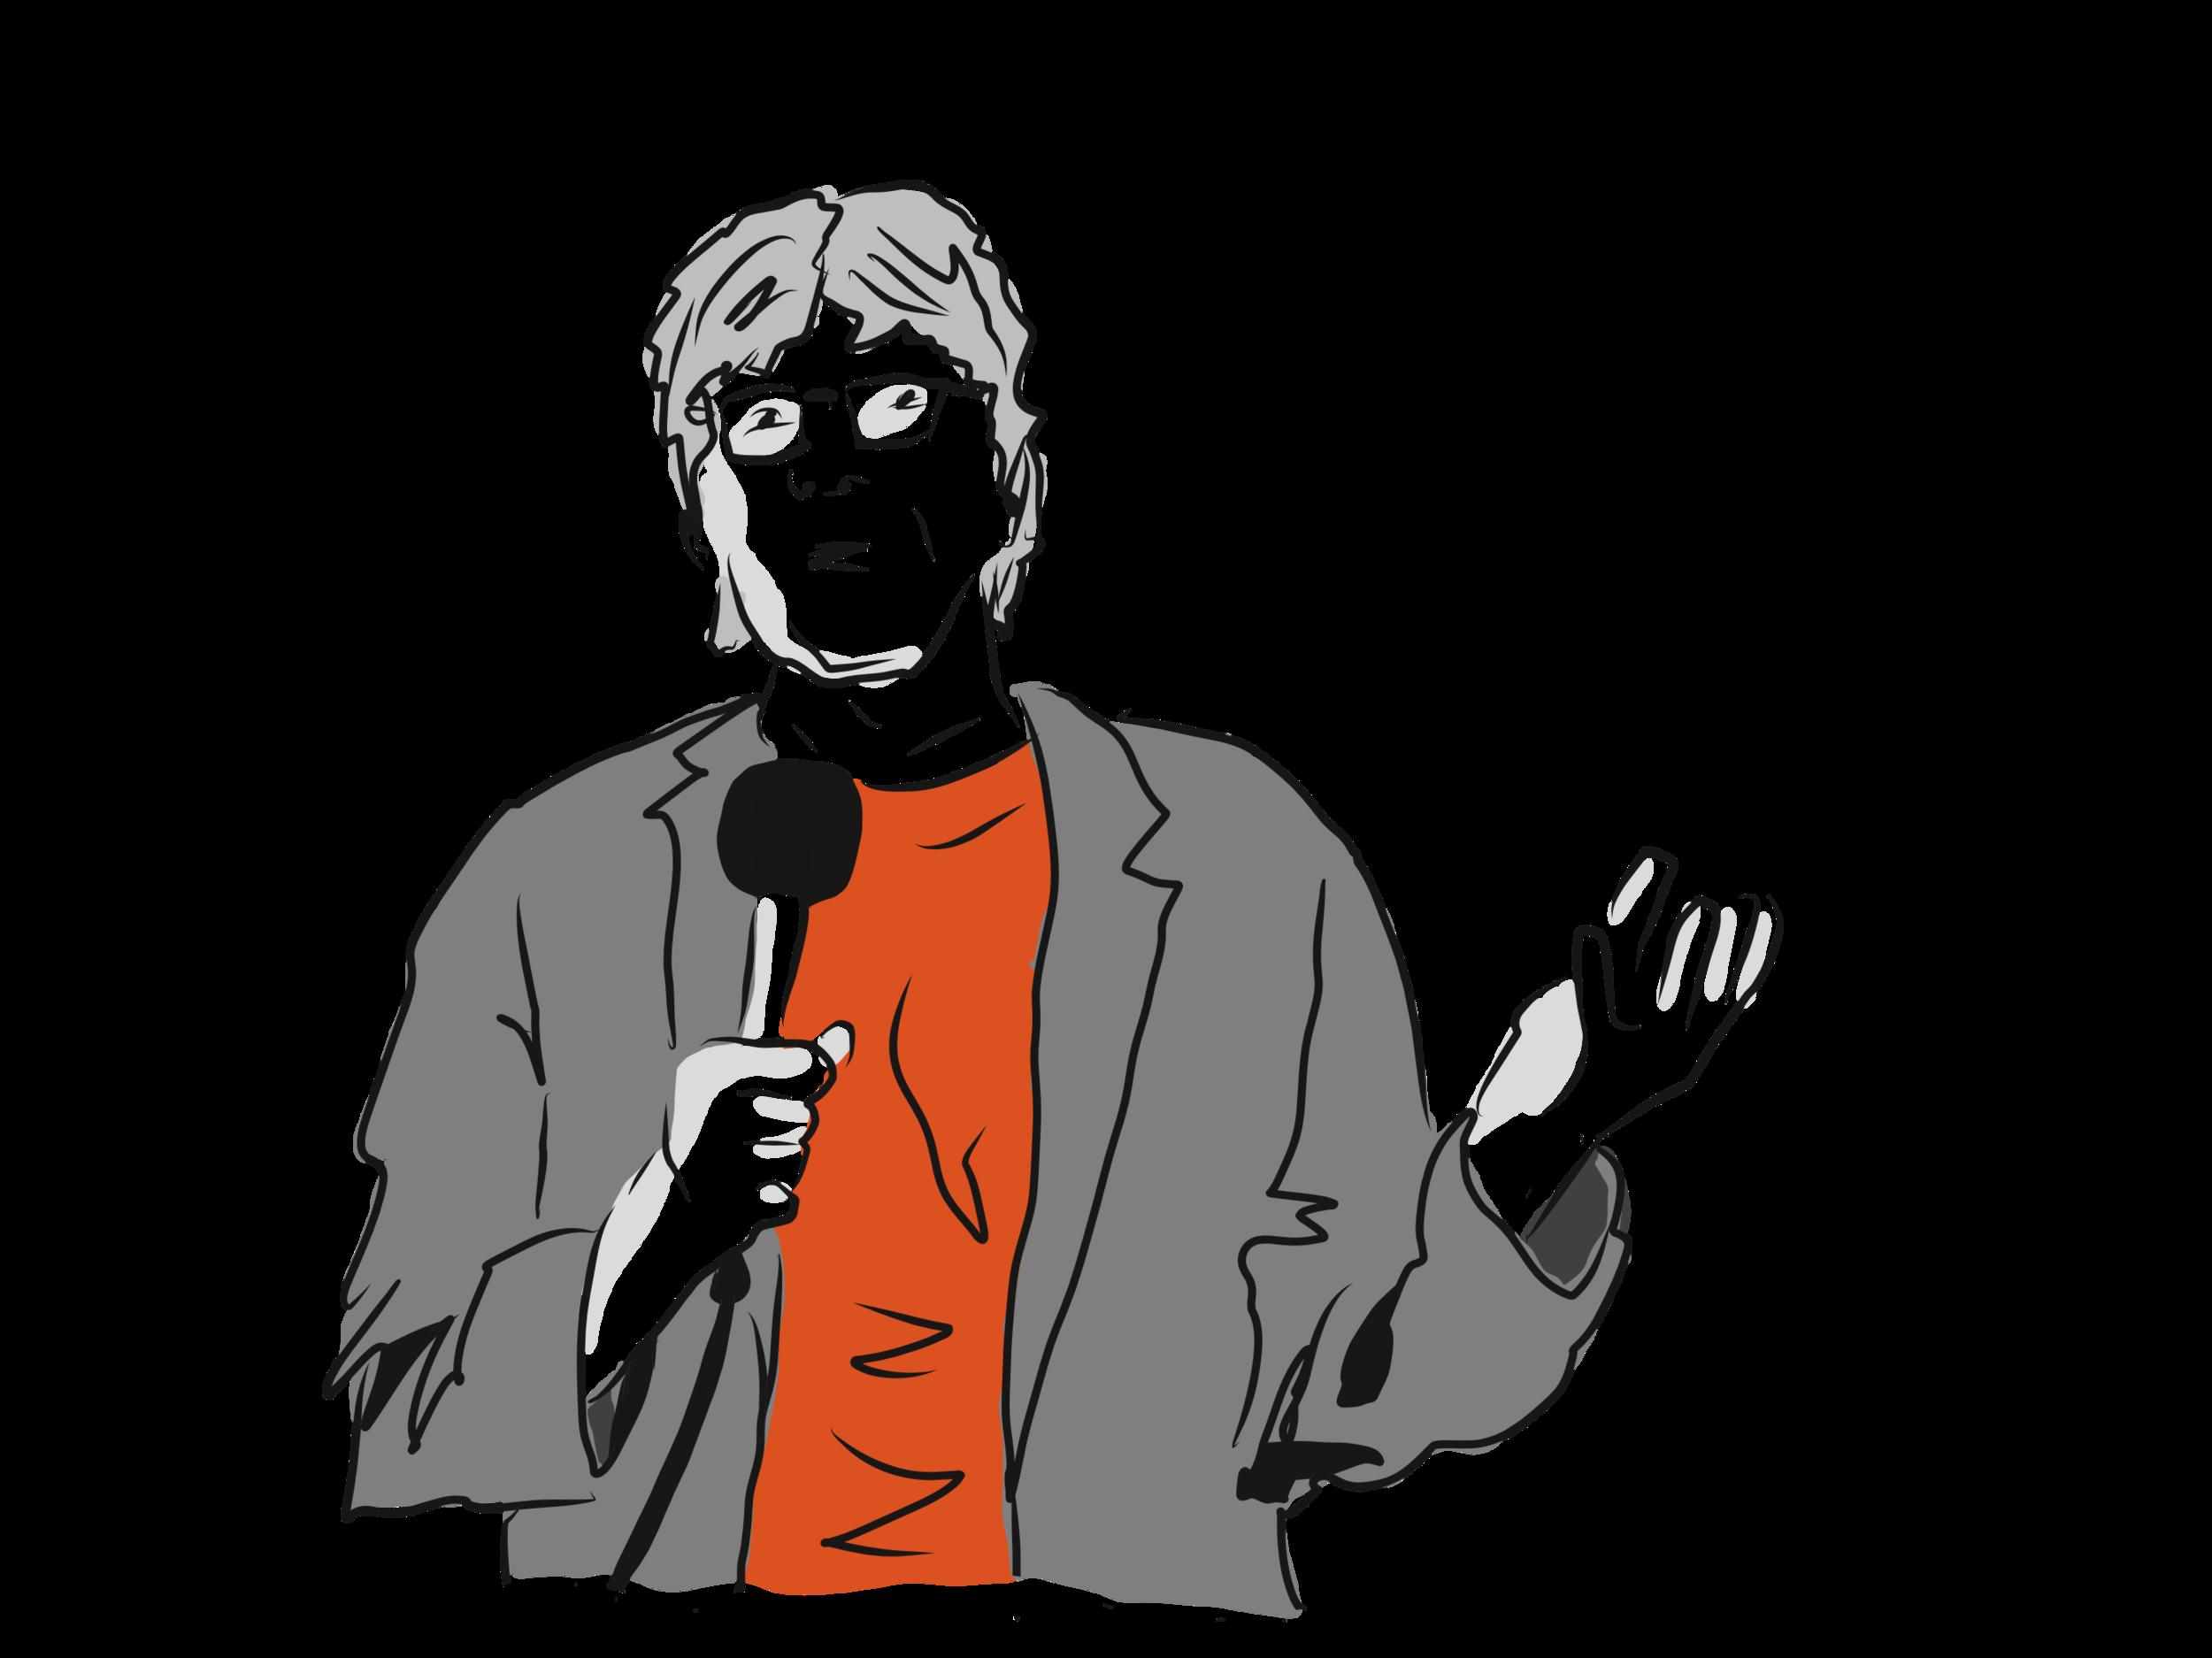 """Miloš Čermák - Miloš Čermák (1968) je novinář, autor asi dvaceti knih, naposledy """"návodu pro použití padesátníka"""" pod názvem Žena mi slíbila černošku. Od roku 2013 do roku 2019 byl šéfredaktorem online verze Hospodářských novin, předtím působil například v Reflexu nebo Lidových novinách. Komikem se stal v rámci boje s krizí středního věku. Ta se původně projevila tím, že začal dělat smajlíky do textových zpráv. Bohužel se ukázalo, že to tím neskončí. Proto se od loňska věnuje tzv. standup comedy. Je to nedůstojné a ponižující (jak by řekla matka jeho kolegy Luďka Staňka), ale pořád je na tom lépe než muži, kteří si kupují sportovní auta nebo utíkají od rodin s mladými milenkami."""